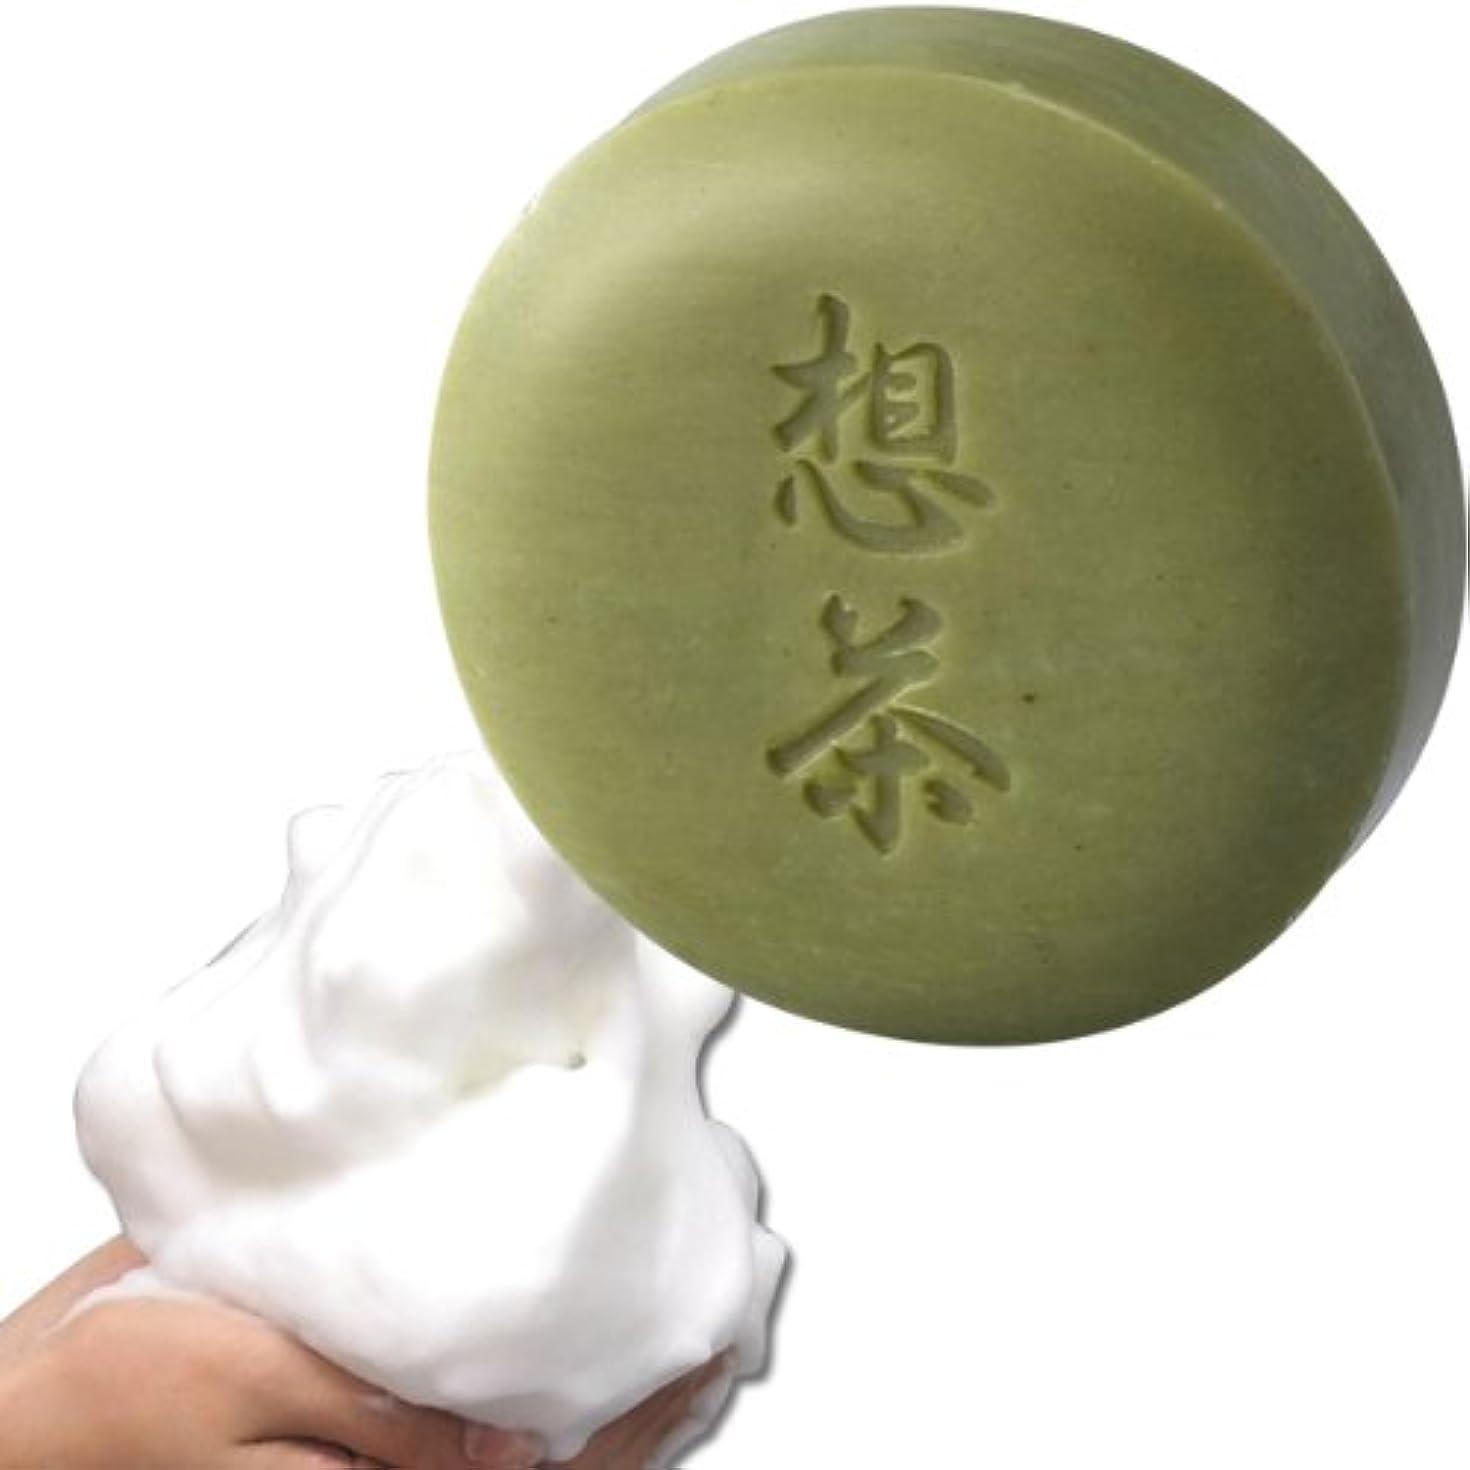 溶けるなめらか信念想茶石鹸 100g(お茶屋さんが作ったお茶石鹸)